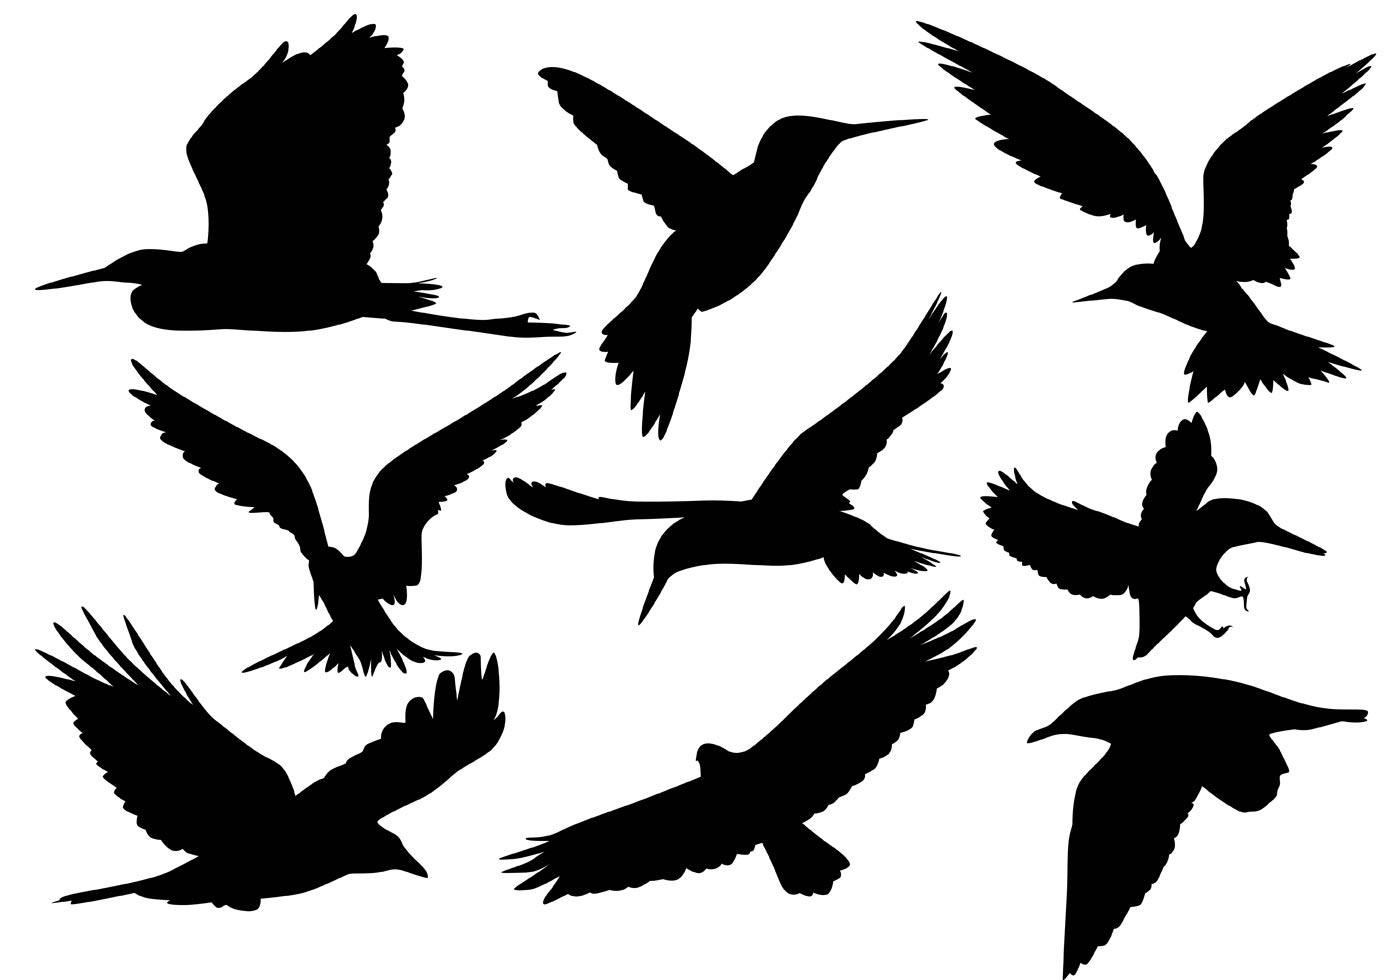 flying bird silhouette vectors download free vector art stock rh vecteezy com bird vector patterns bird vector free download